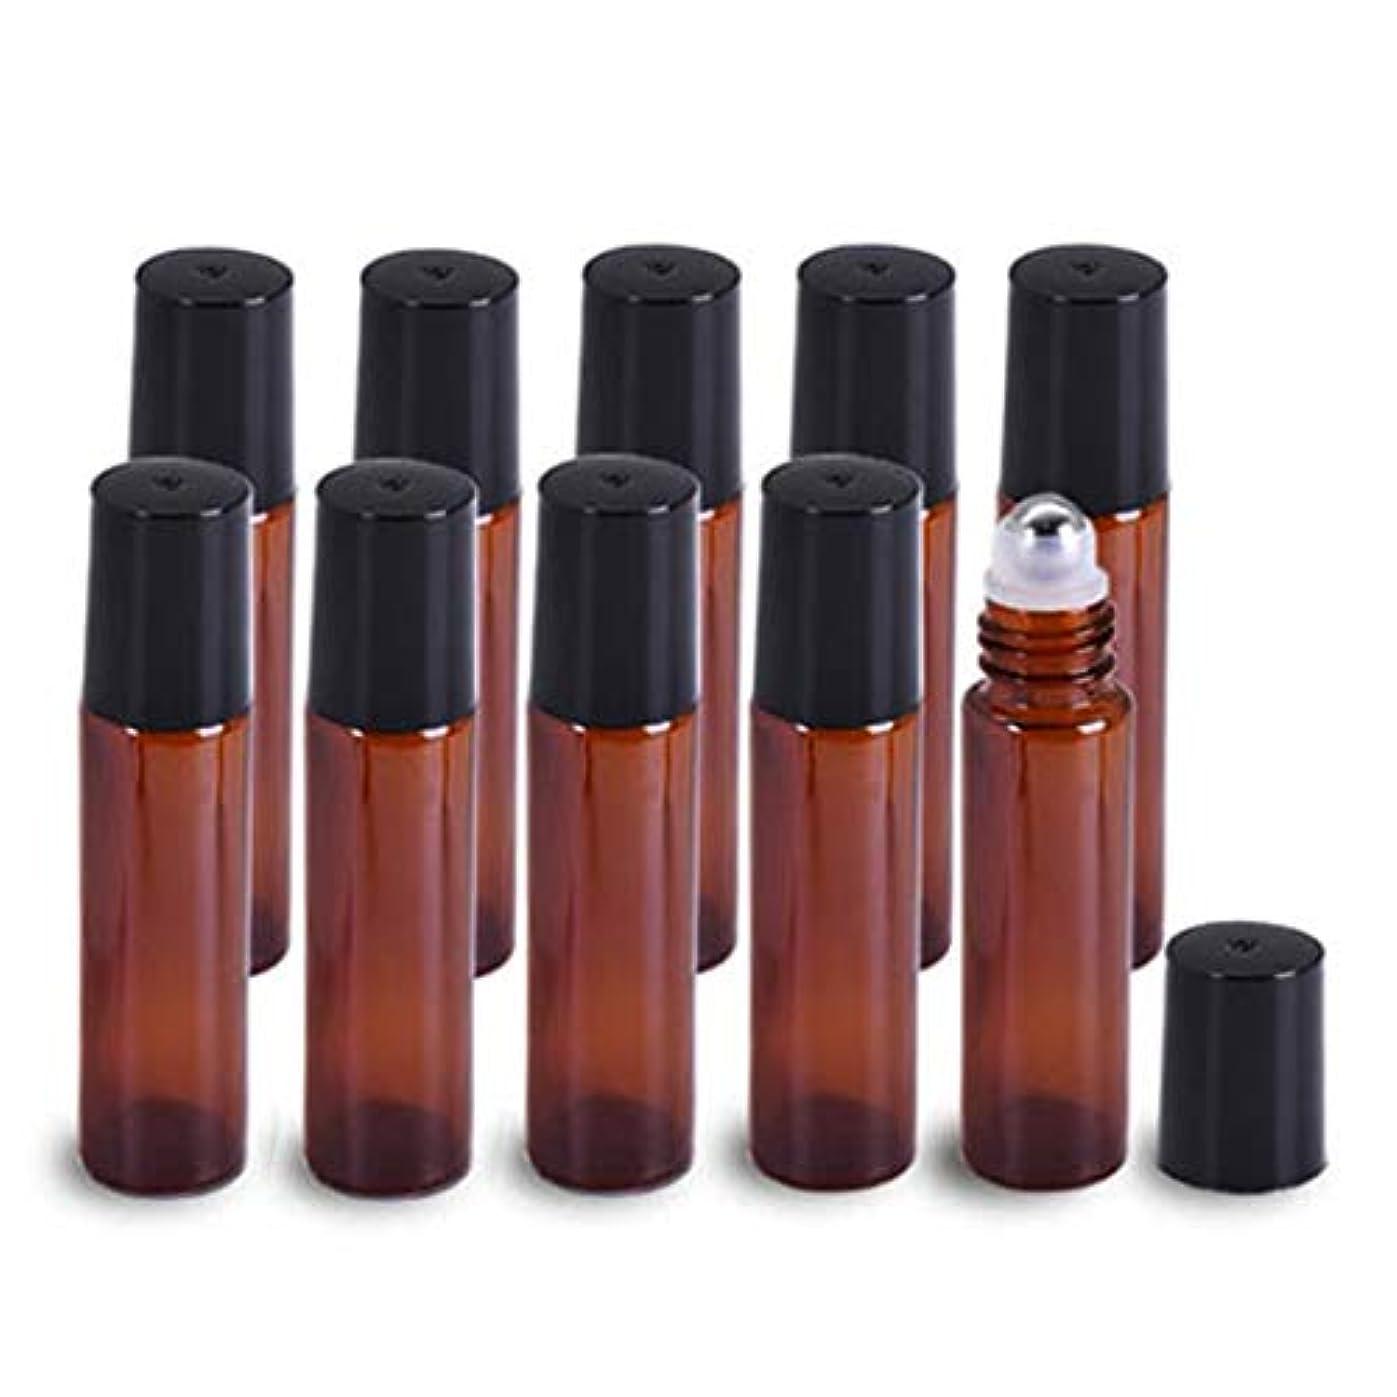 ウェブ味付けにやにやYiteng ロールオンボトル アロマオイル アロマボトル ガラスロールタイプ 遮光瓶 保存容器 小分け用 茶色 収納ケース付き 10ml 10本セット